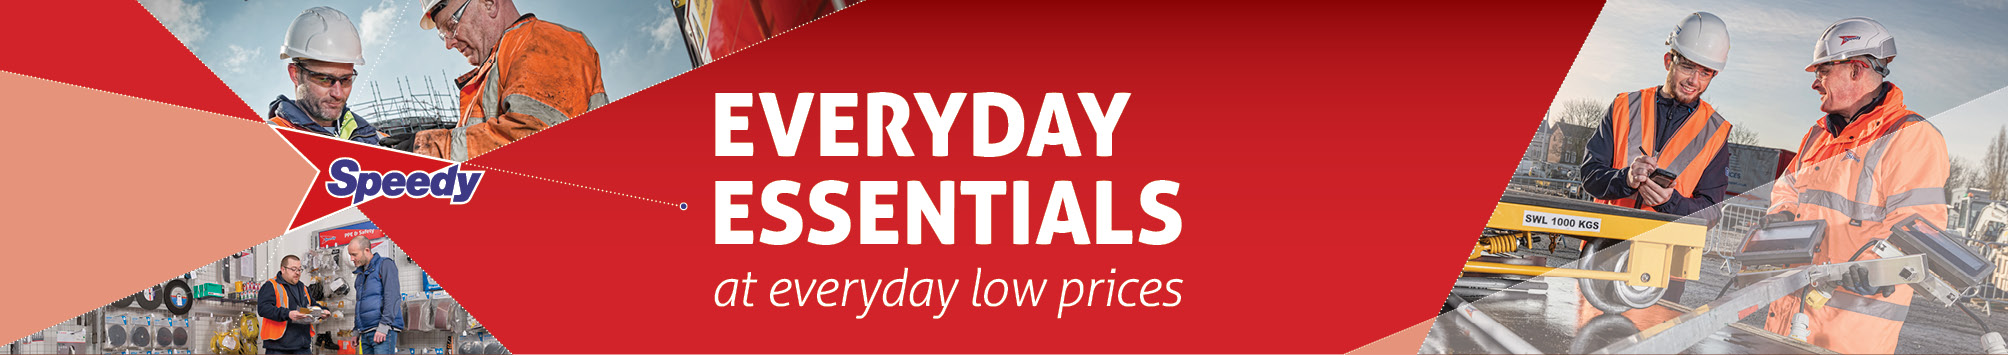 Everyday Essentials Landing Page Header2.jpg